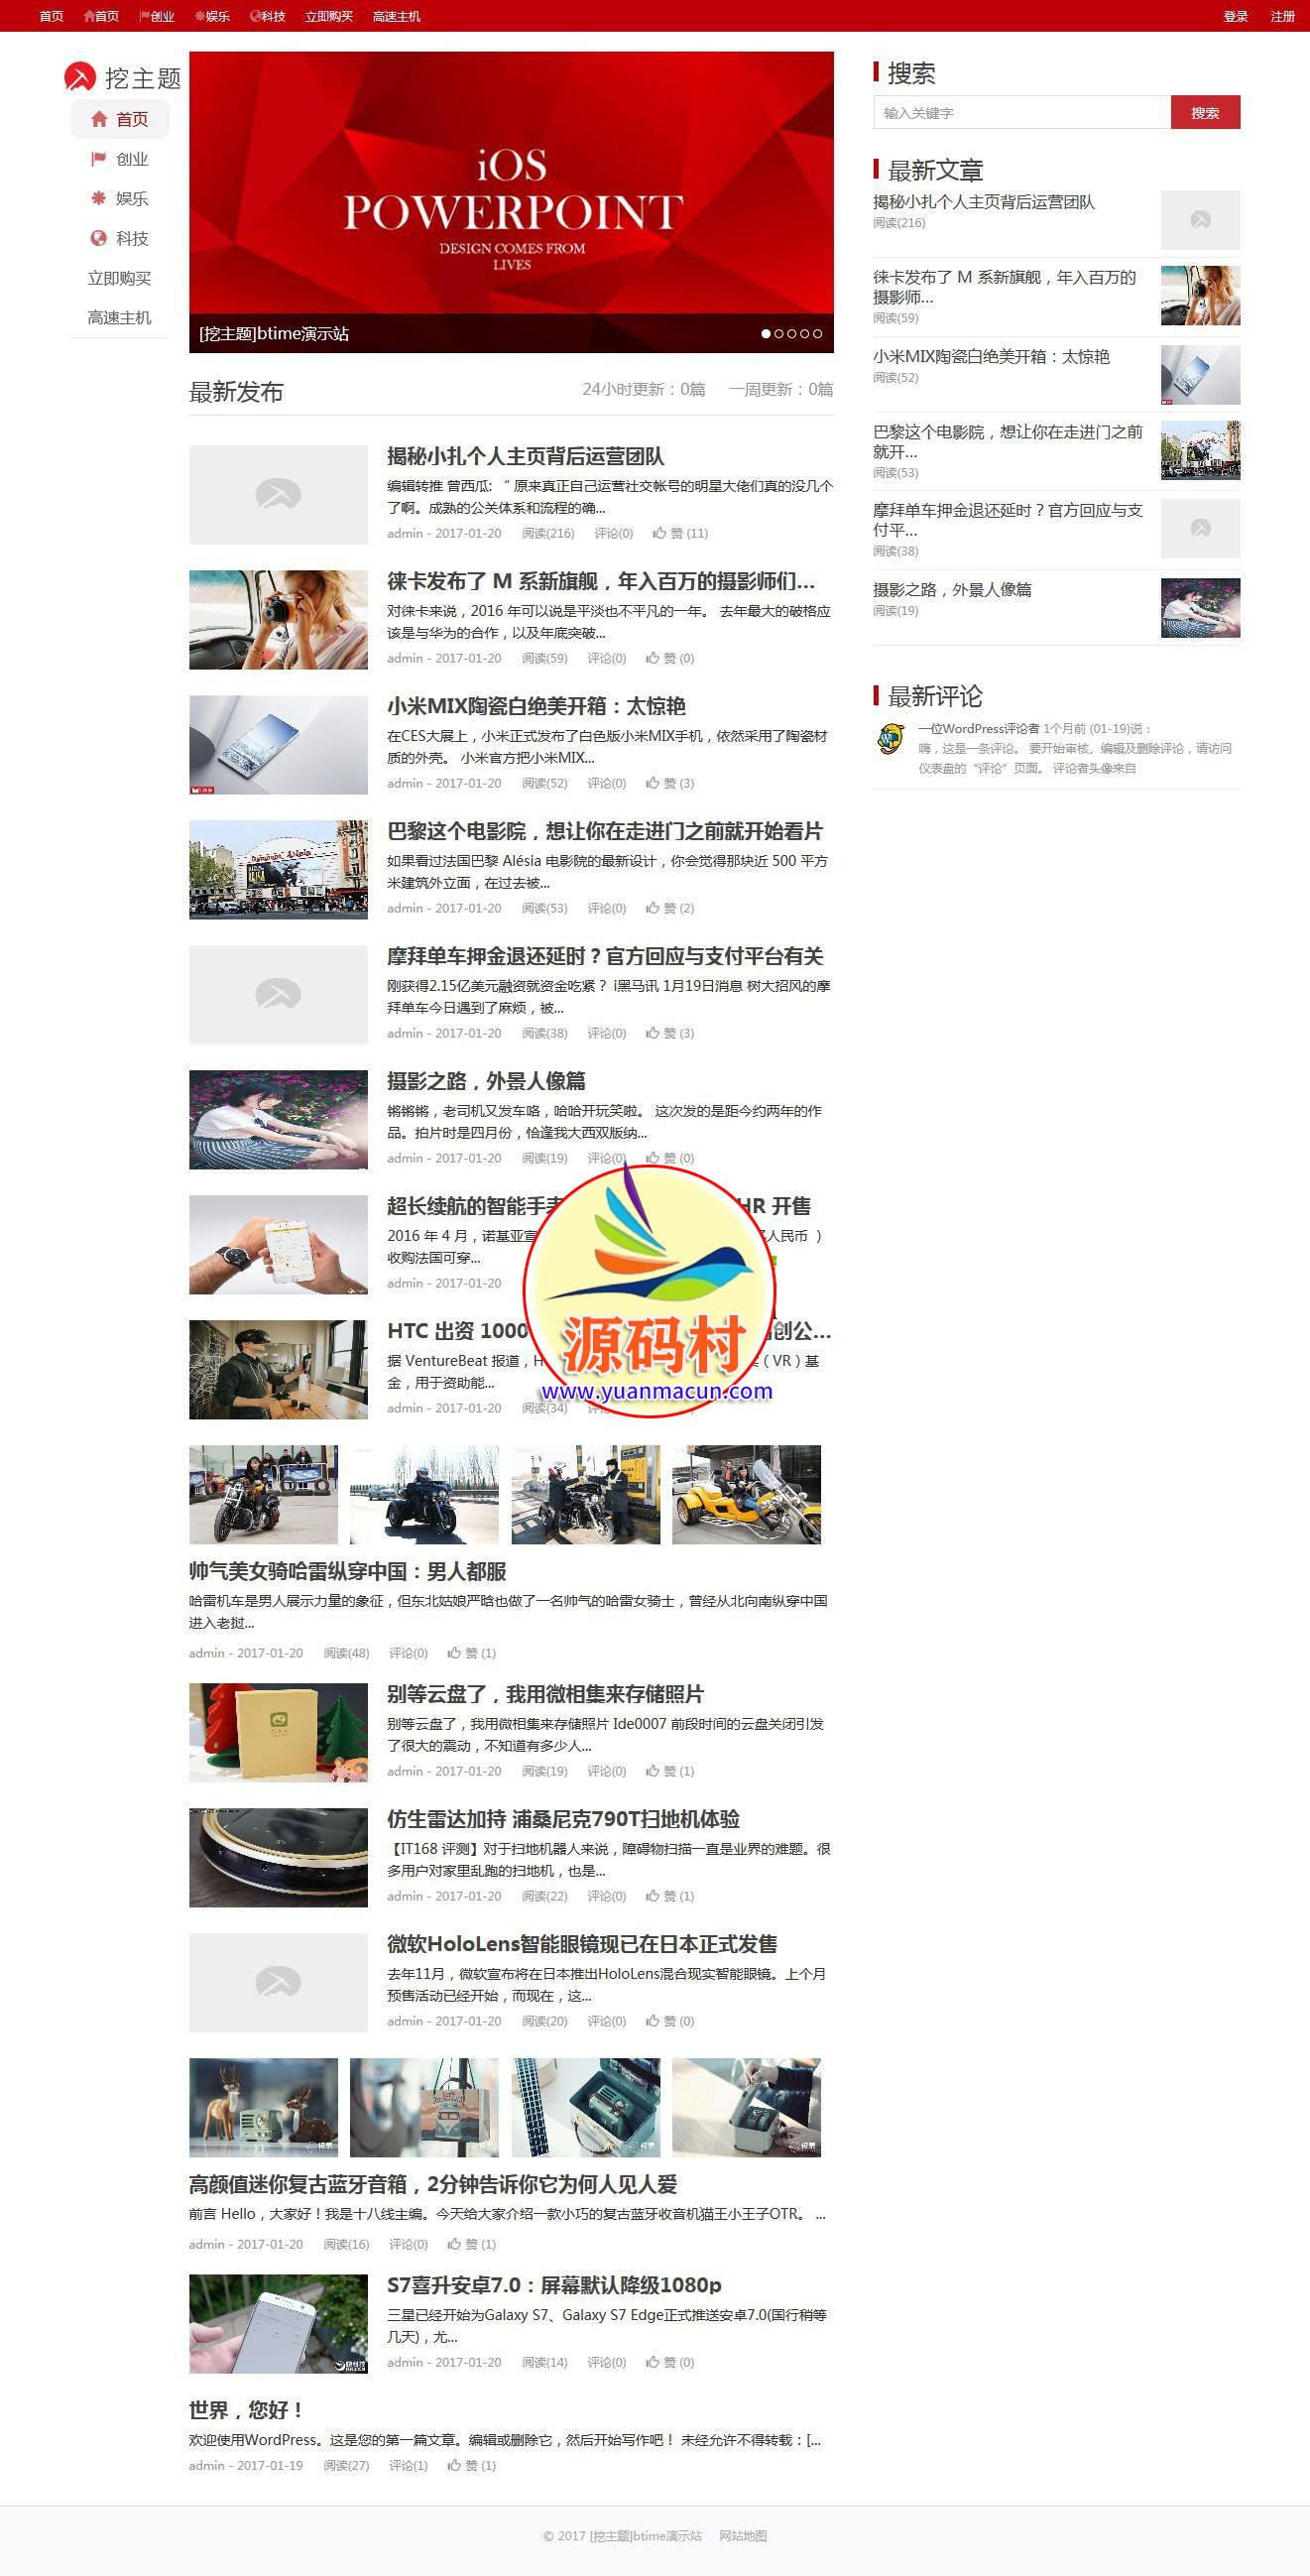 wordpress主题 新闻主题Btime仿北京时间网站模板源码 后台设置侧边栏浮动,与文章页面无限加载功能